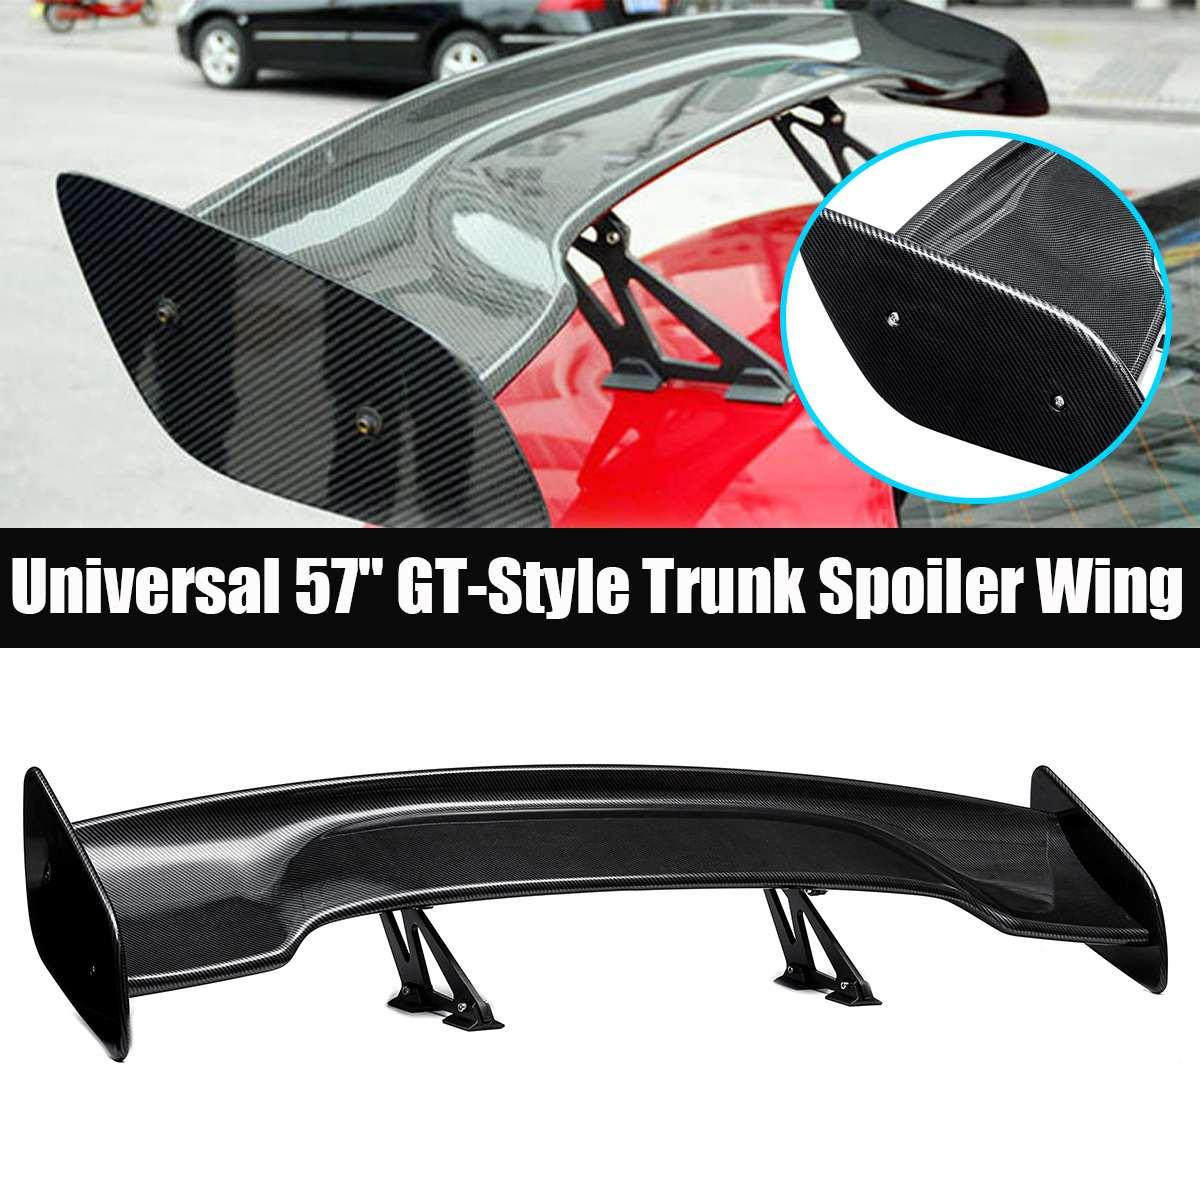 Alerón Universal del maletero trasero de la cola del coche 145cm estilo de fibra de carbono GT Wing para BMW para Mazda para Hyundai para el estilo del coche Audi